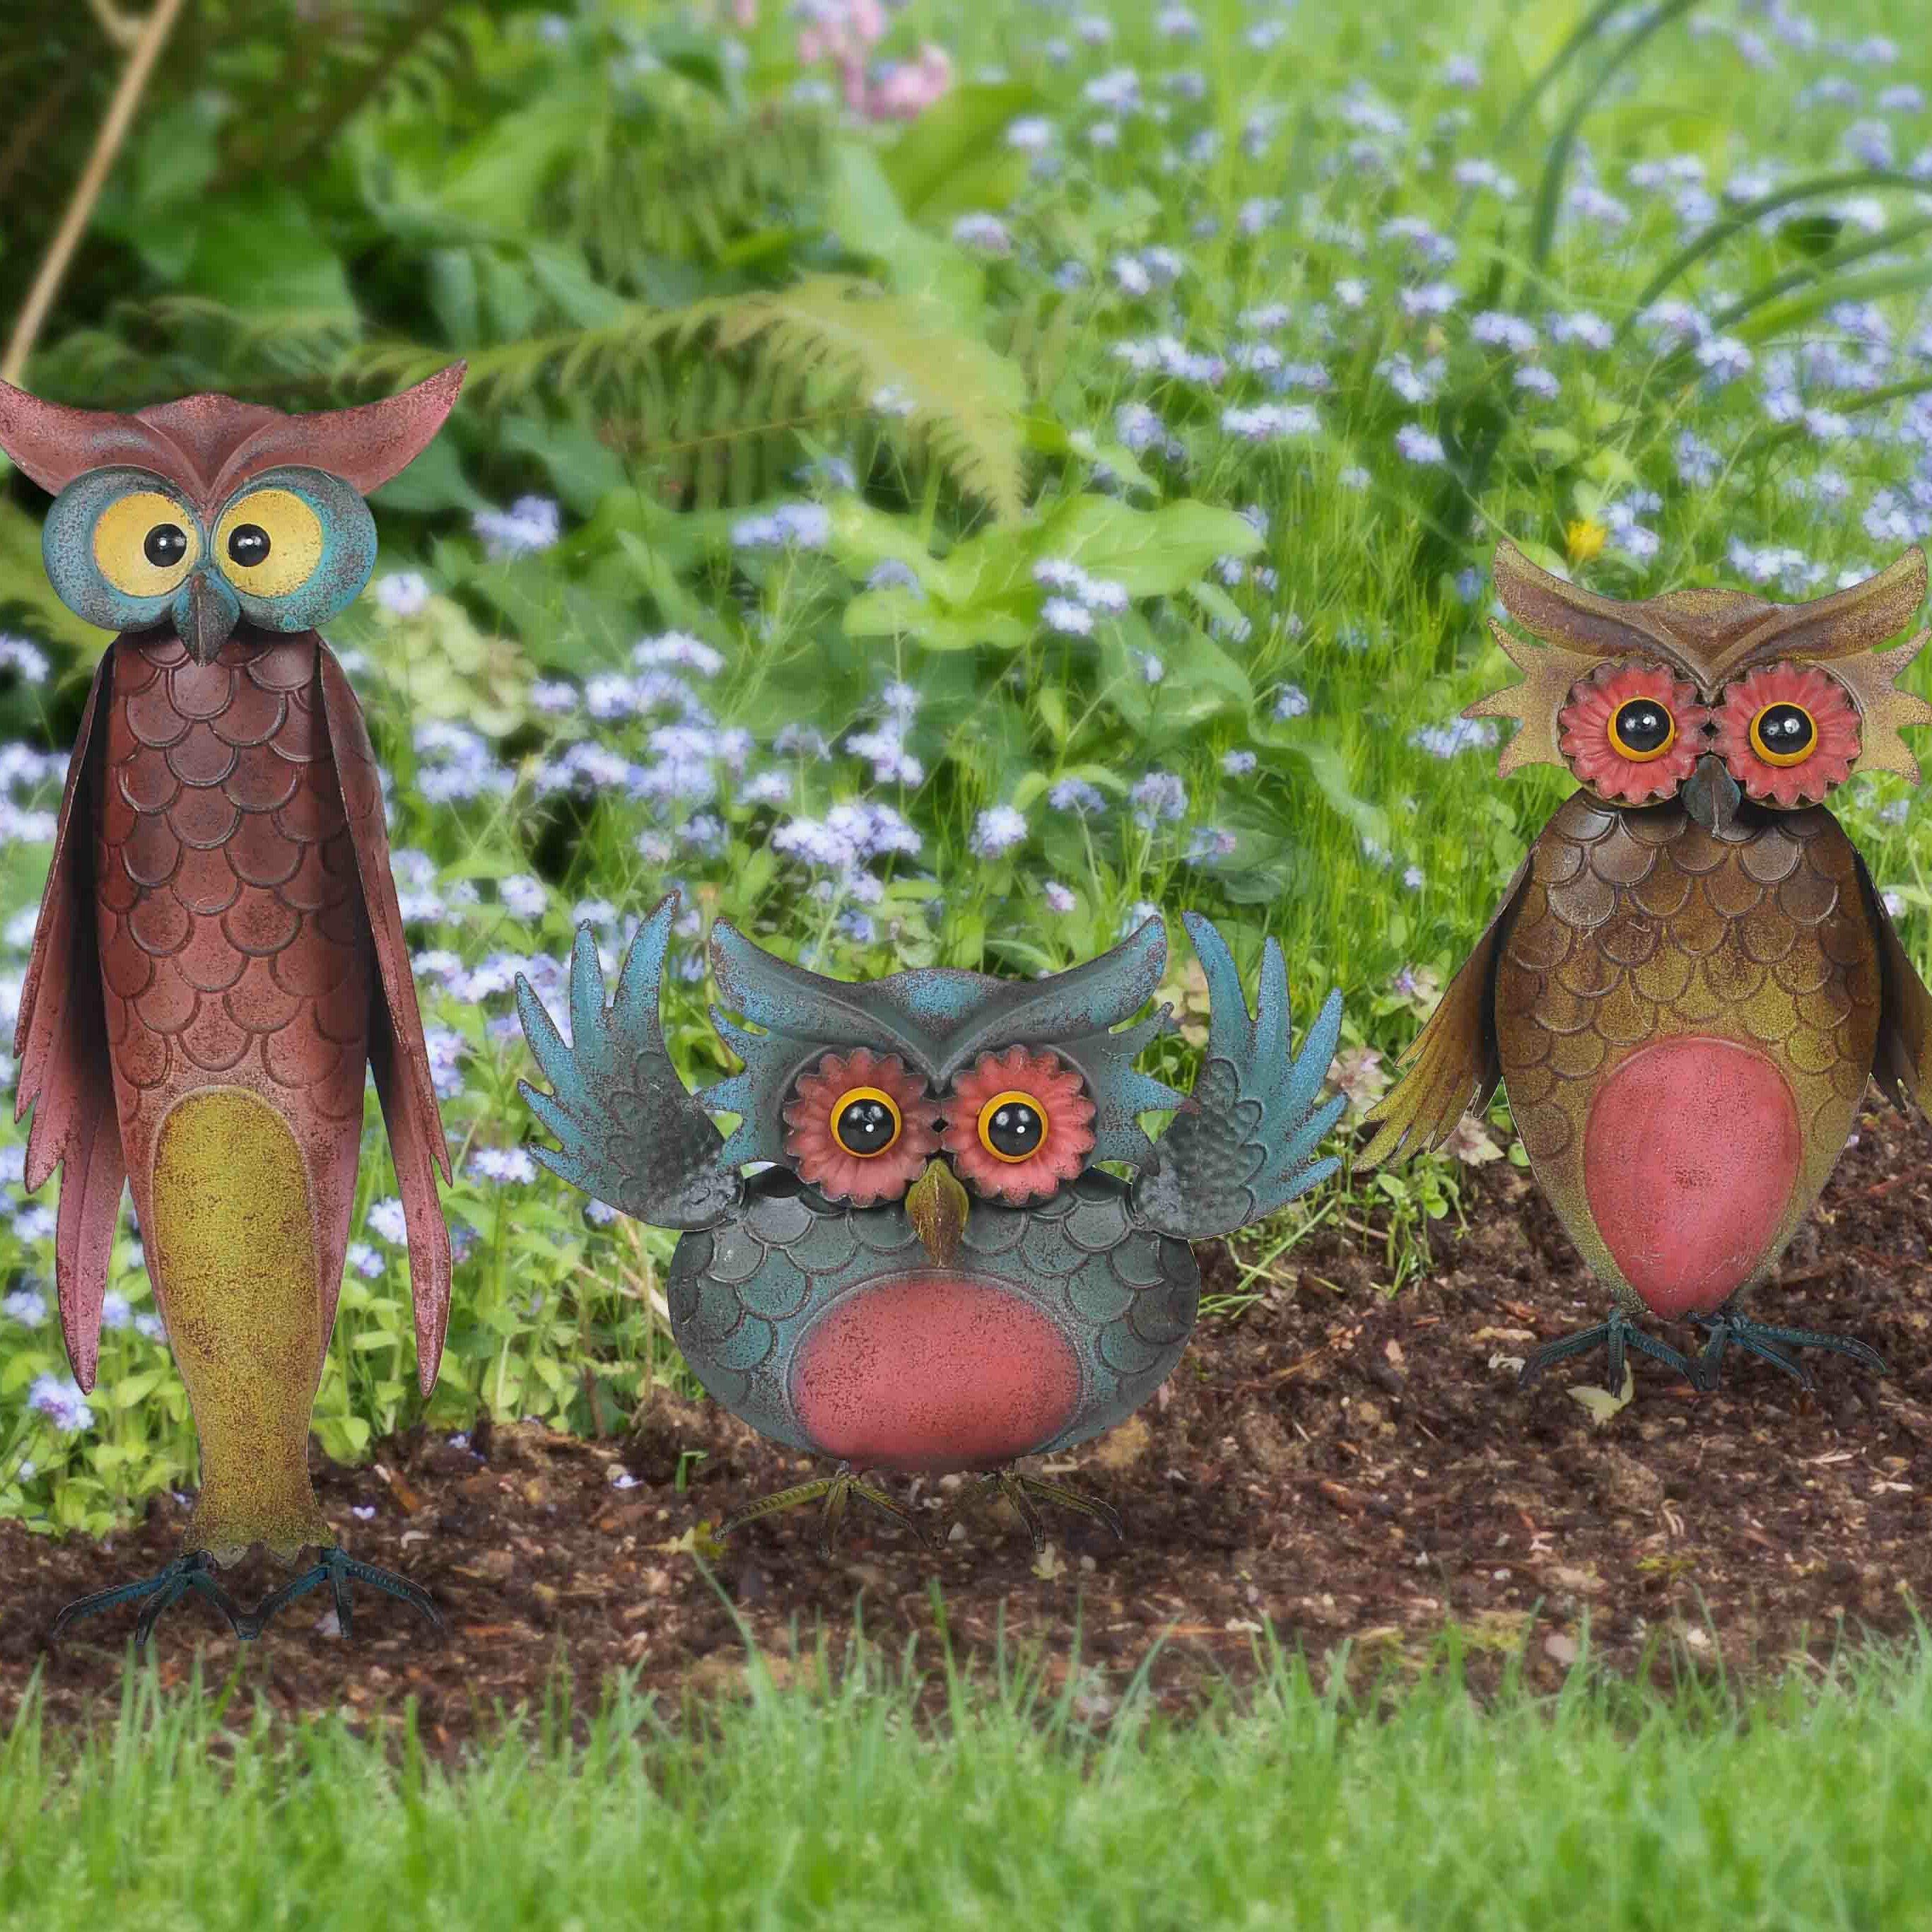 Sunjoy Whimsical 3 Piece Owl Garden Statue Set Reviews Wayfair